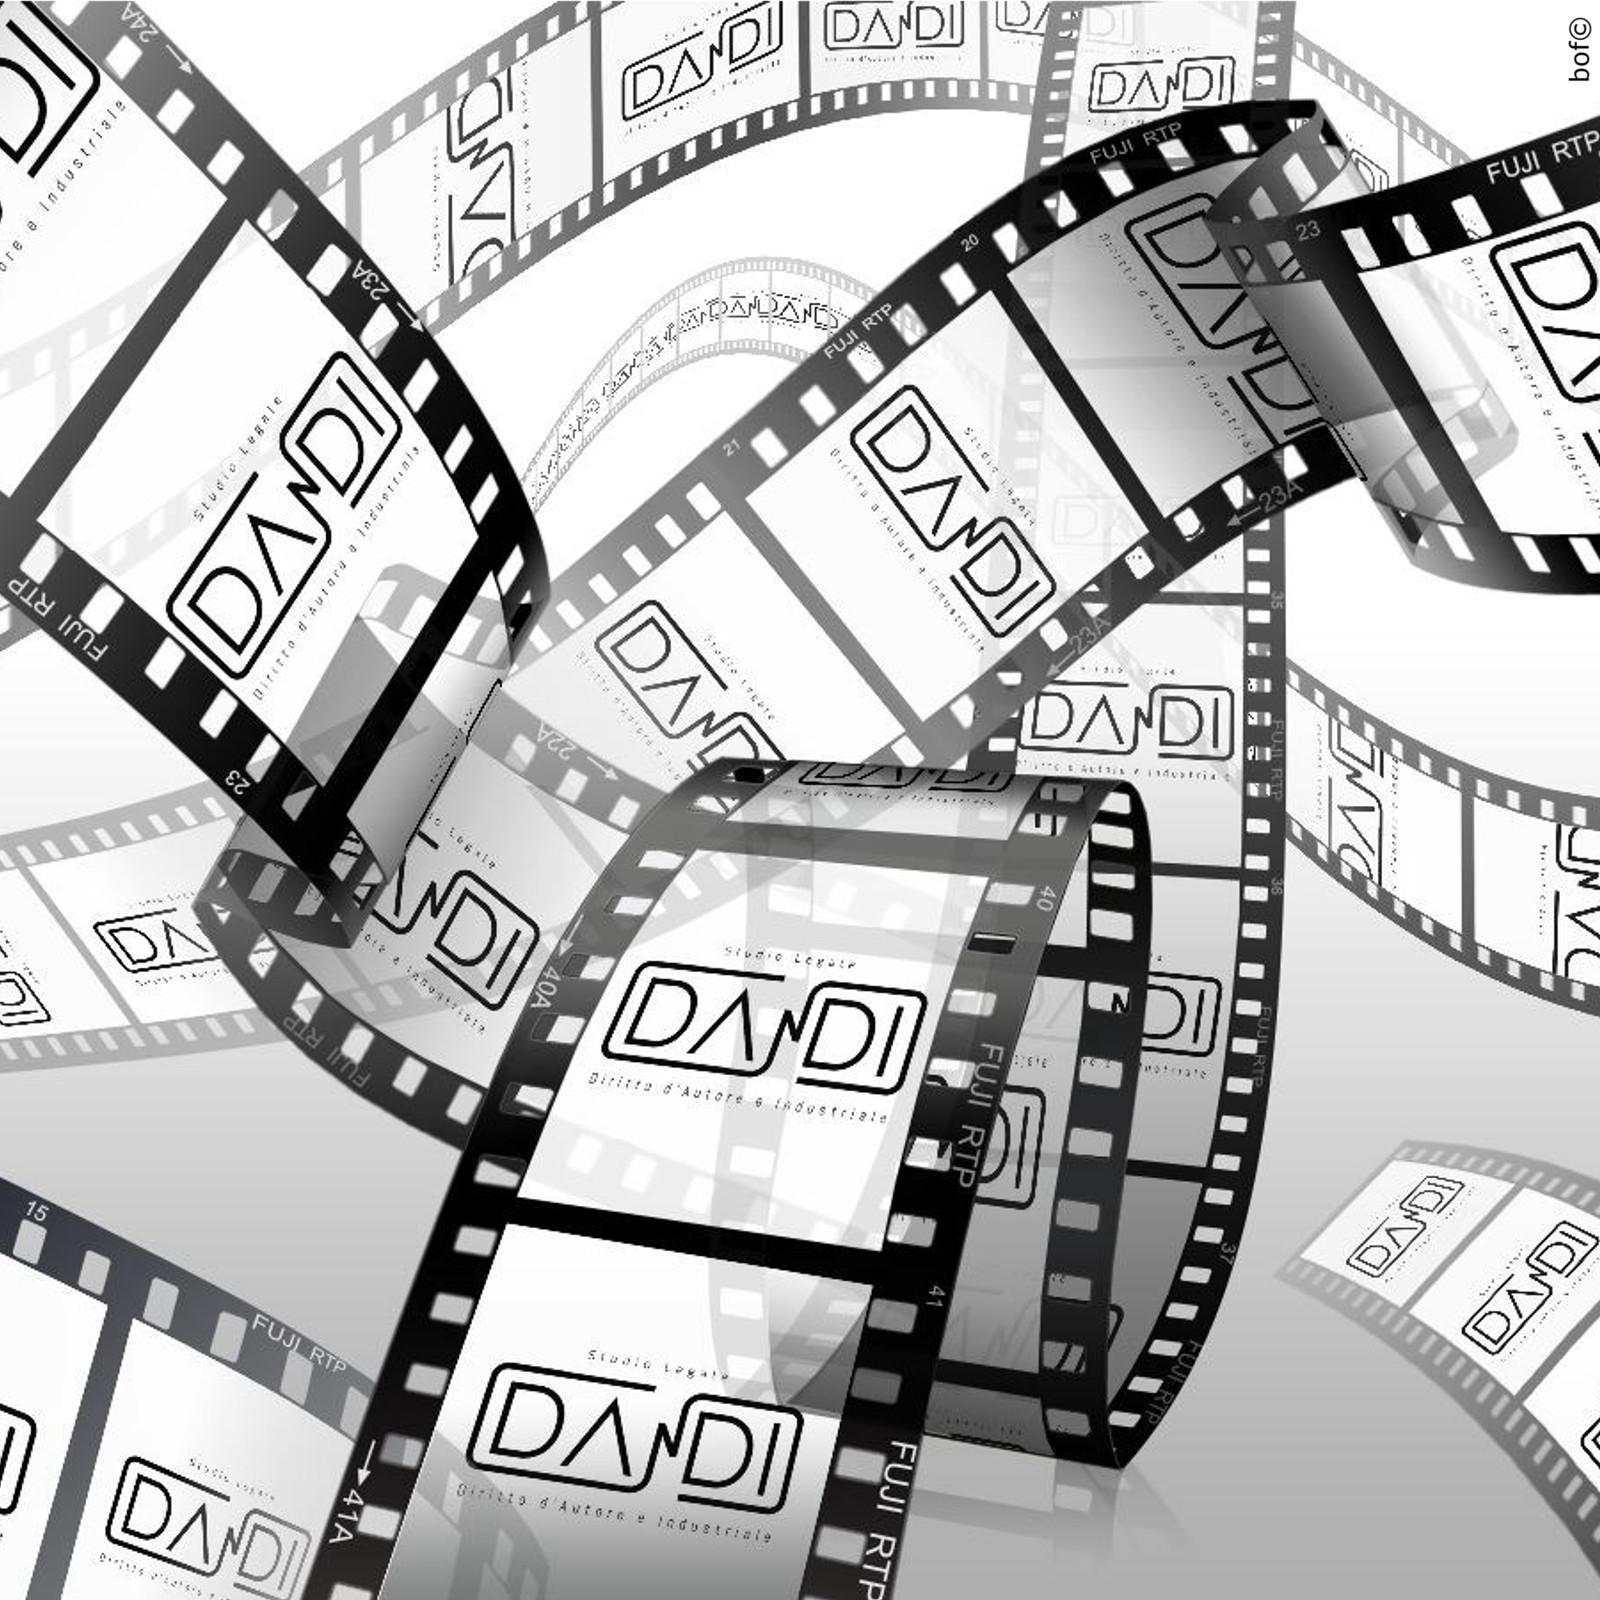 Produzione cinematografica e audiovisiva